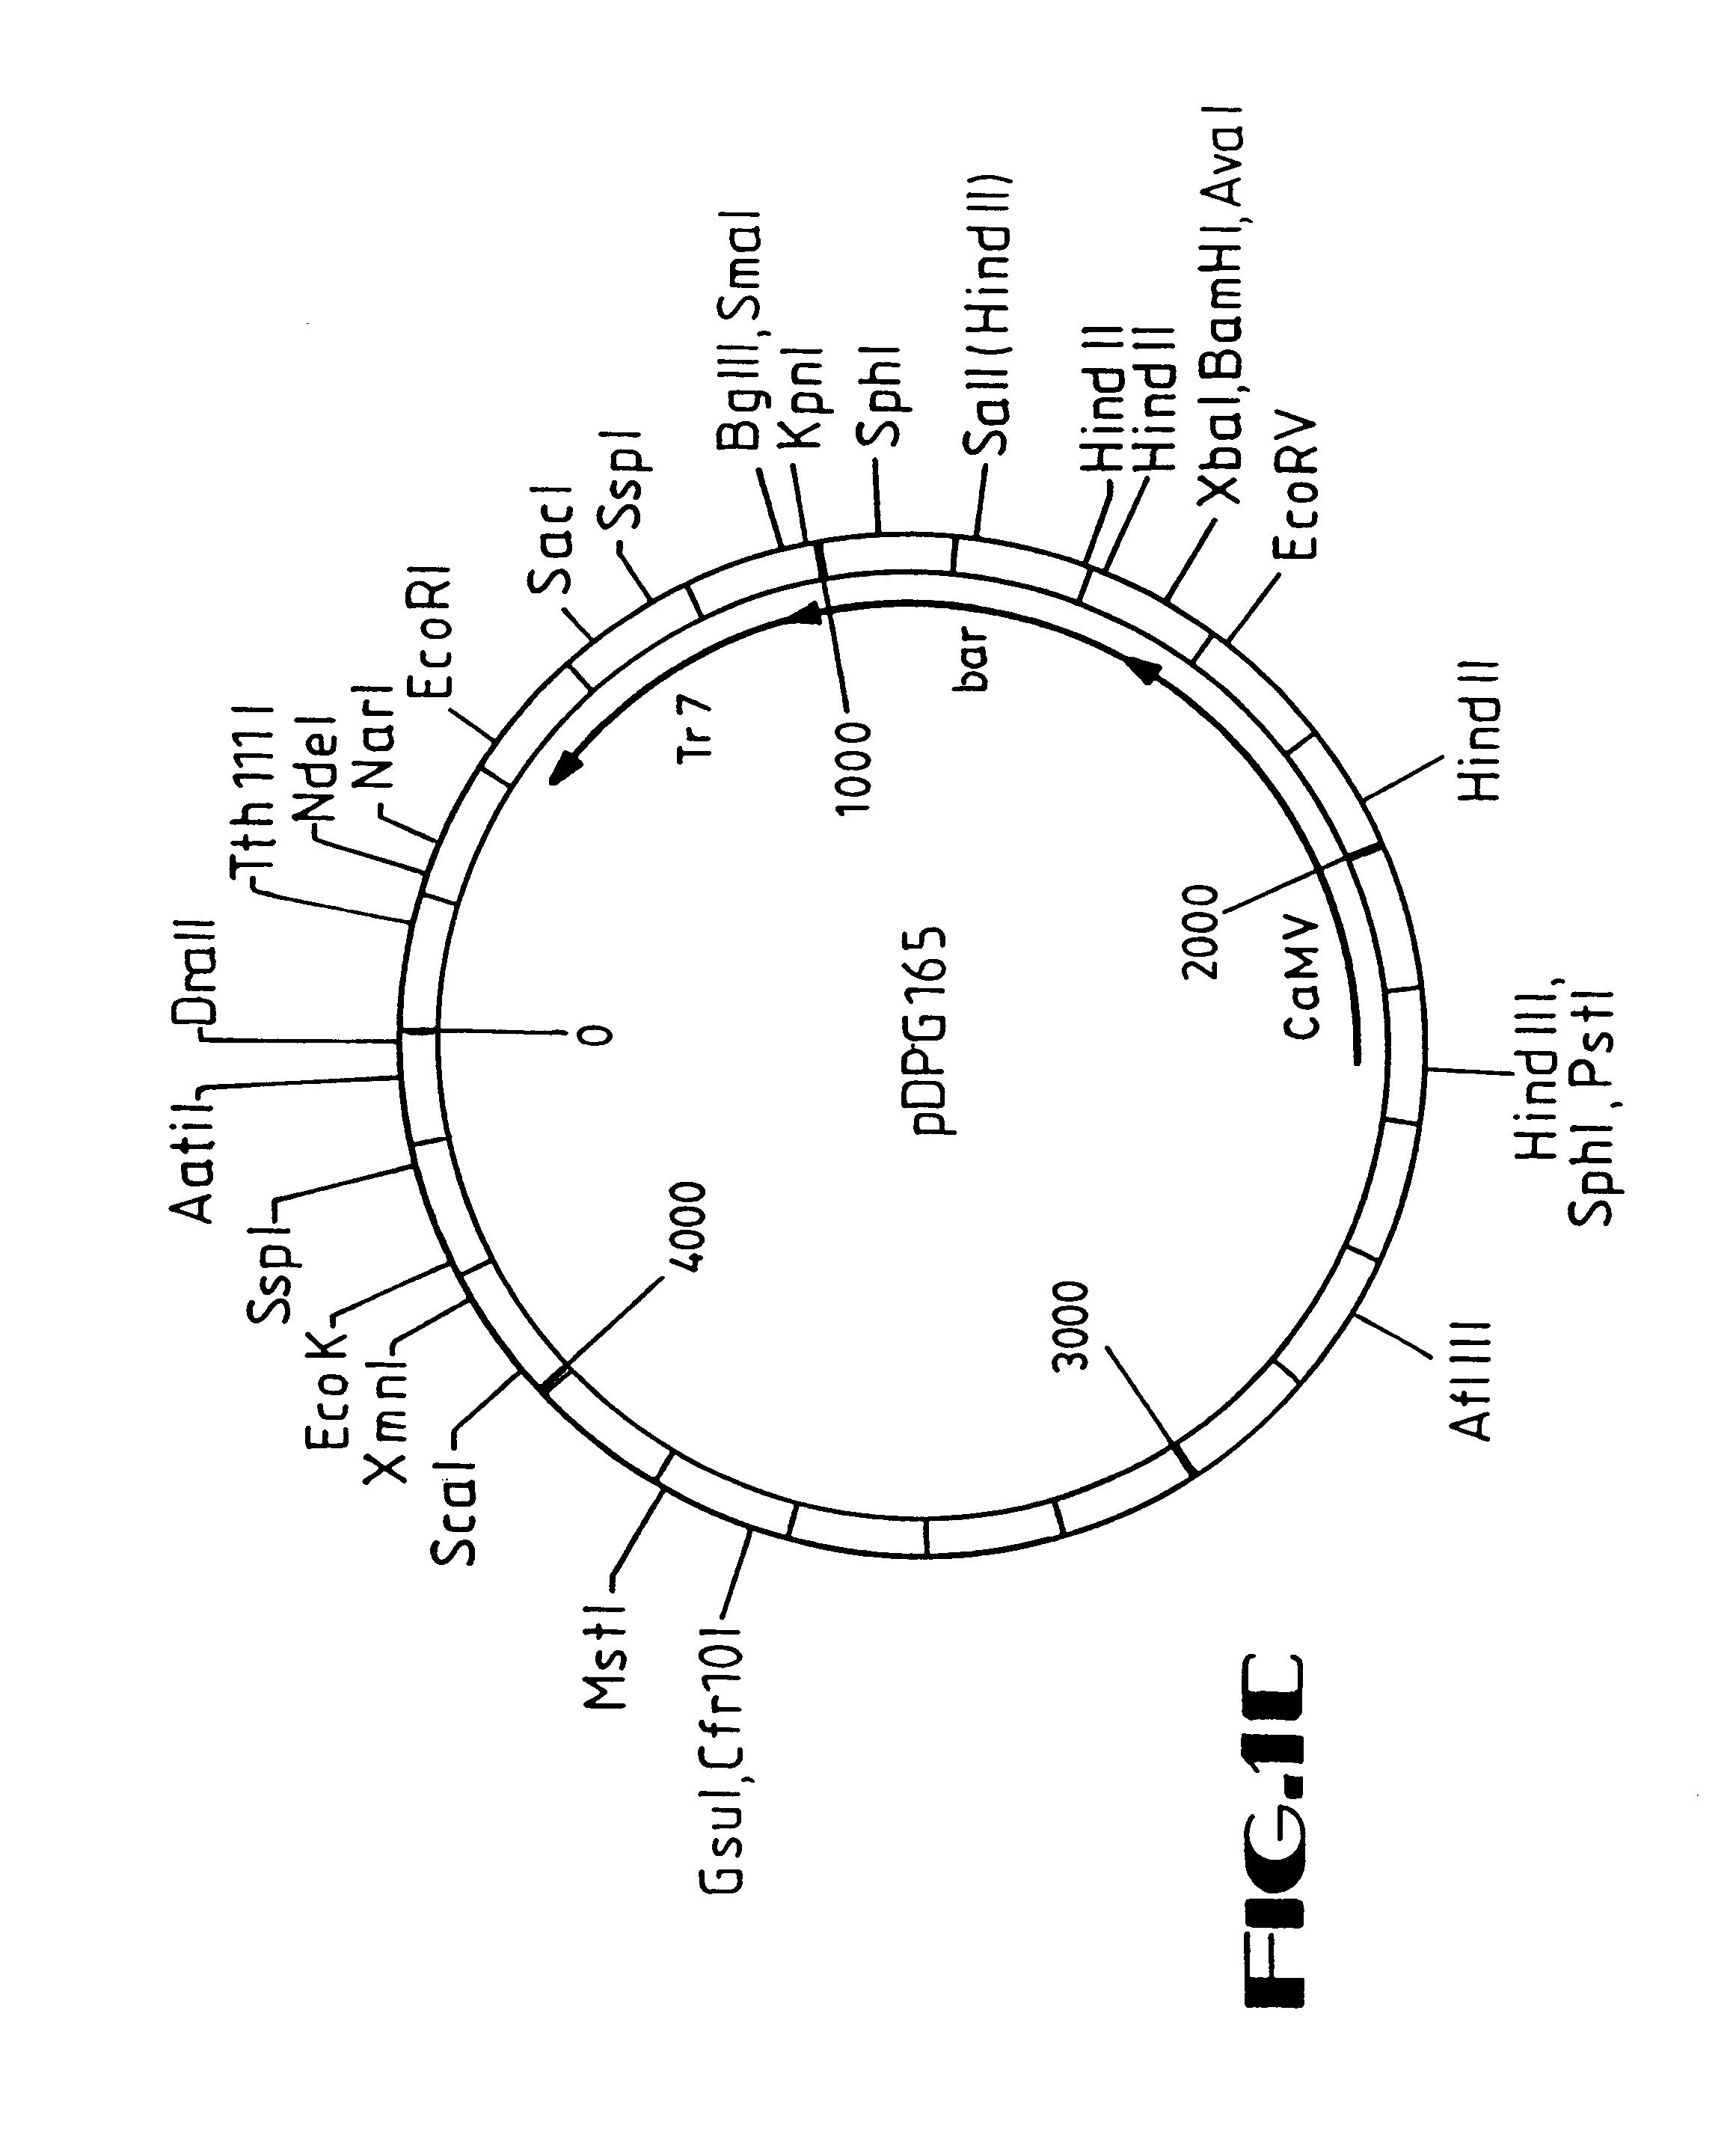 pioneer deh p3700mp wiring diagram Pioneer AVIC-D3 Wiring